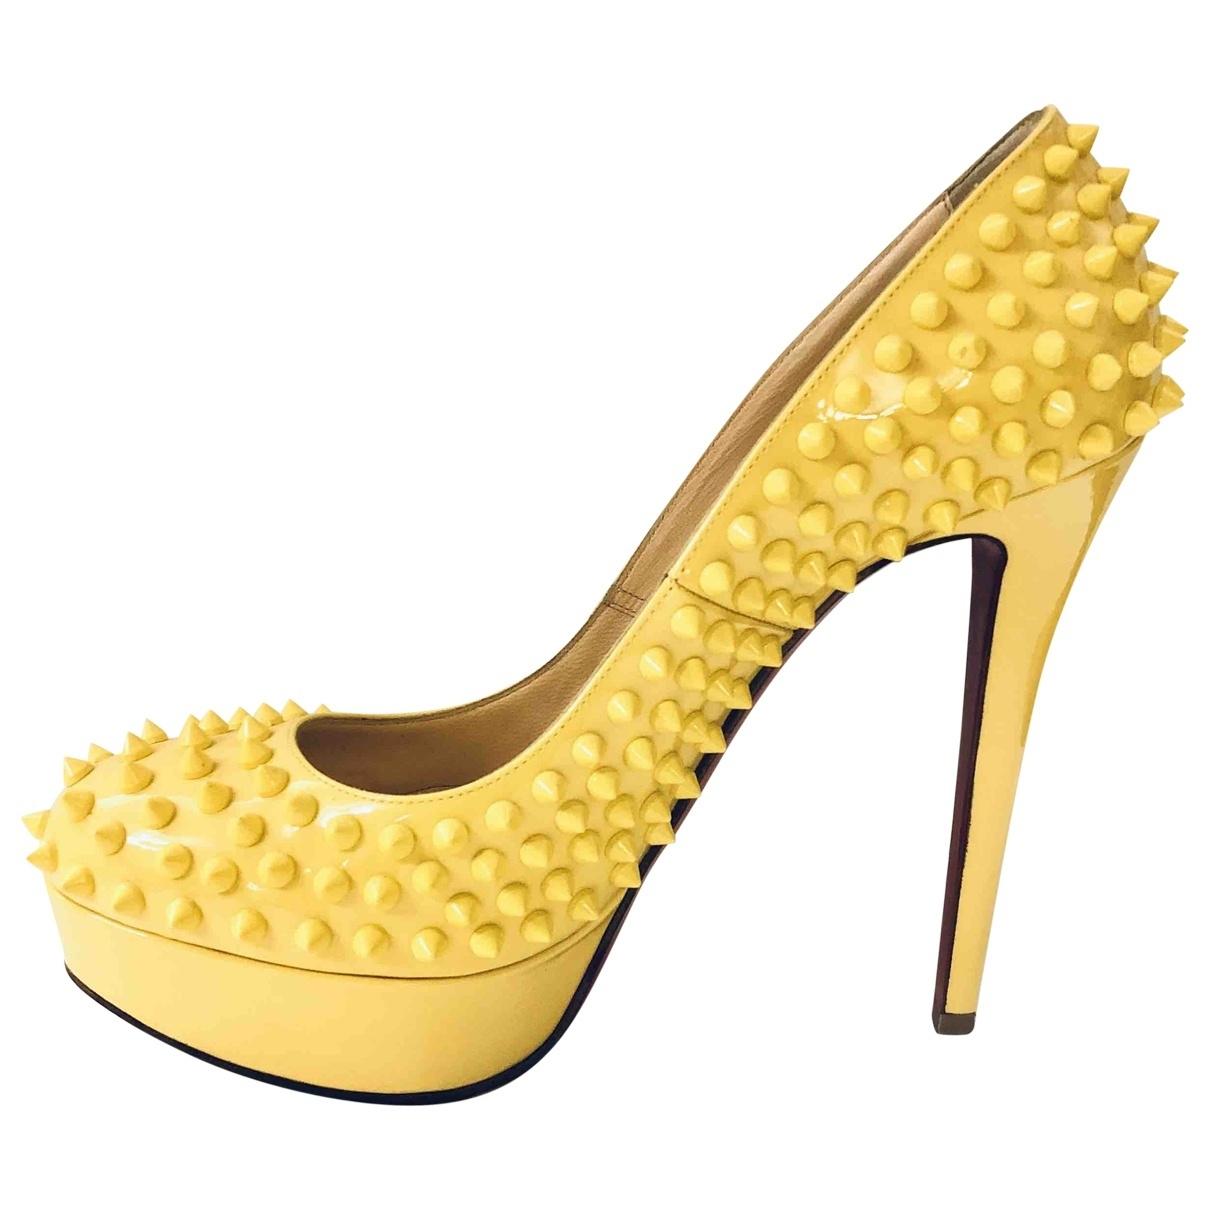 Christian Louboutin - Escarpins Bianca pour femme en cuir verni - jaune